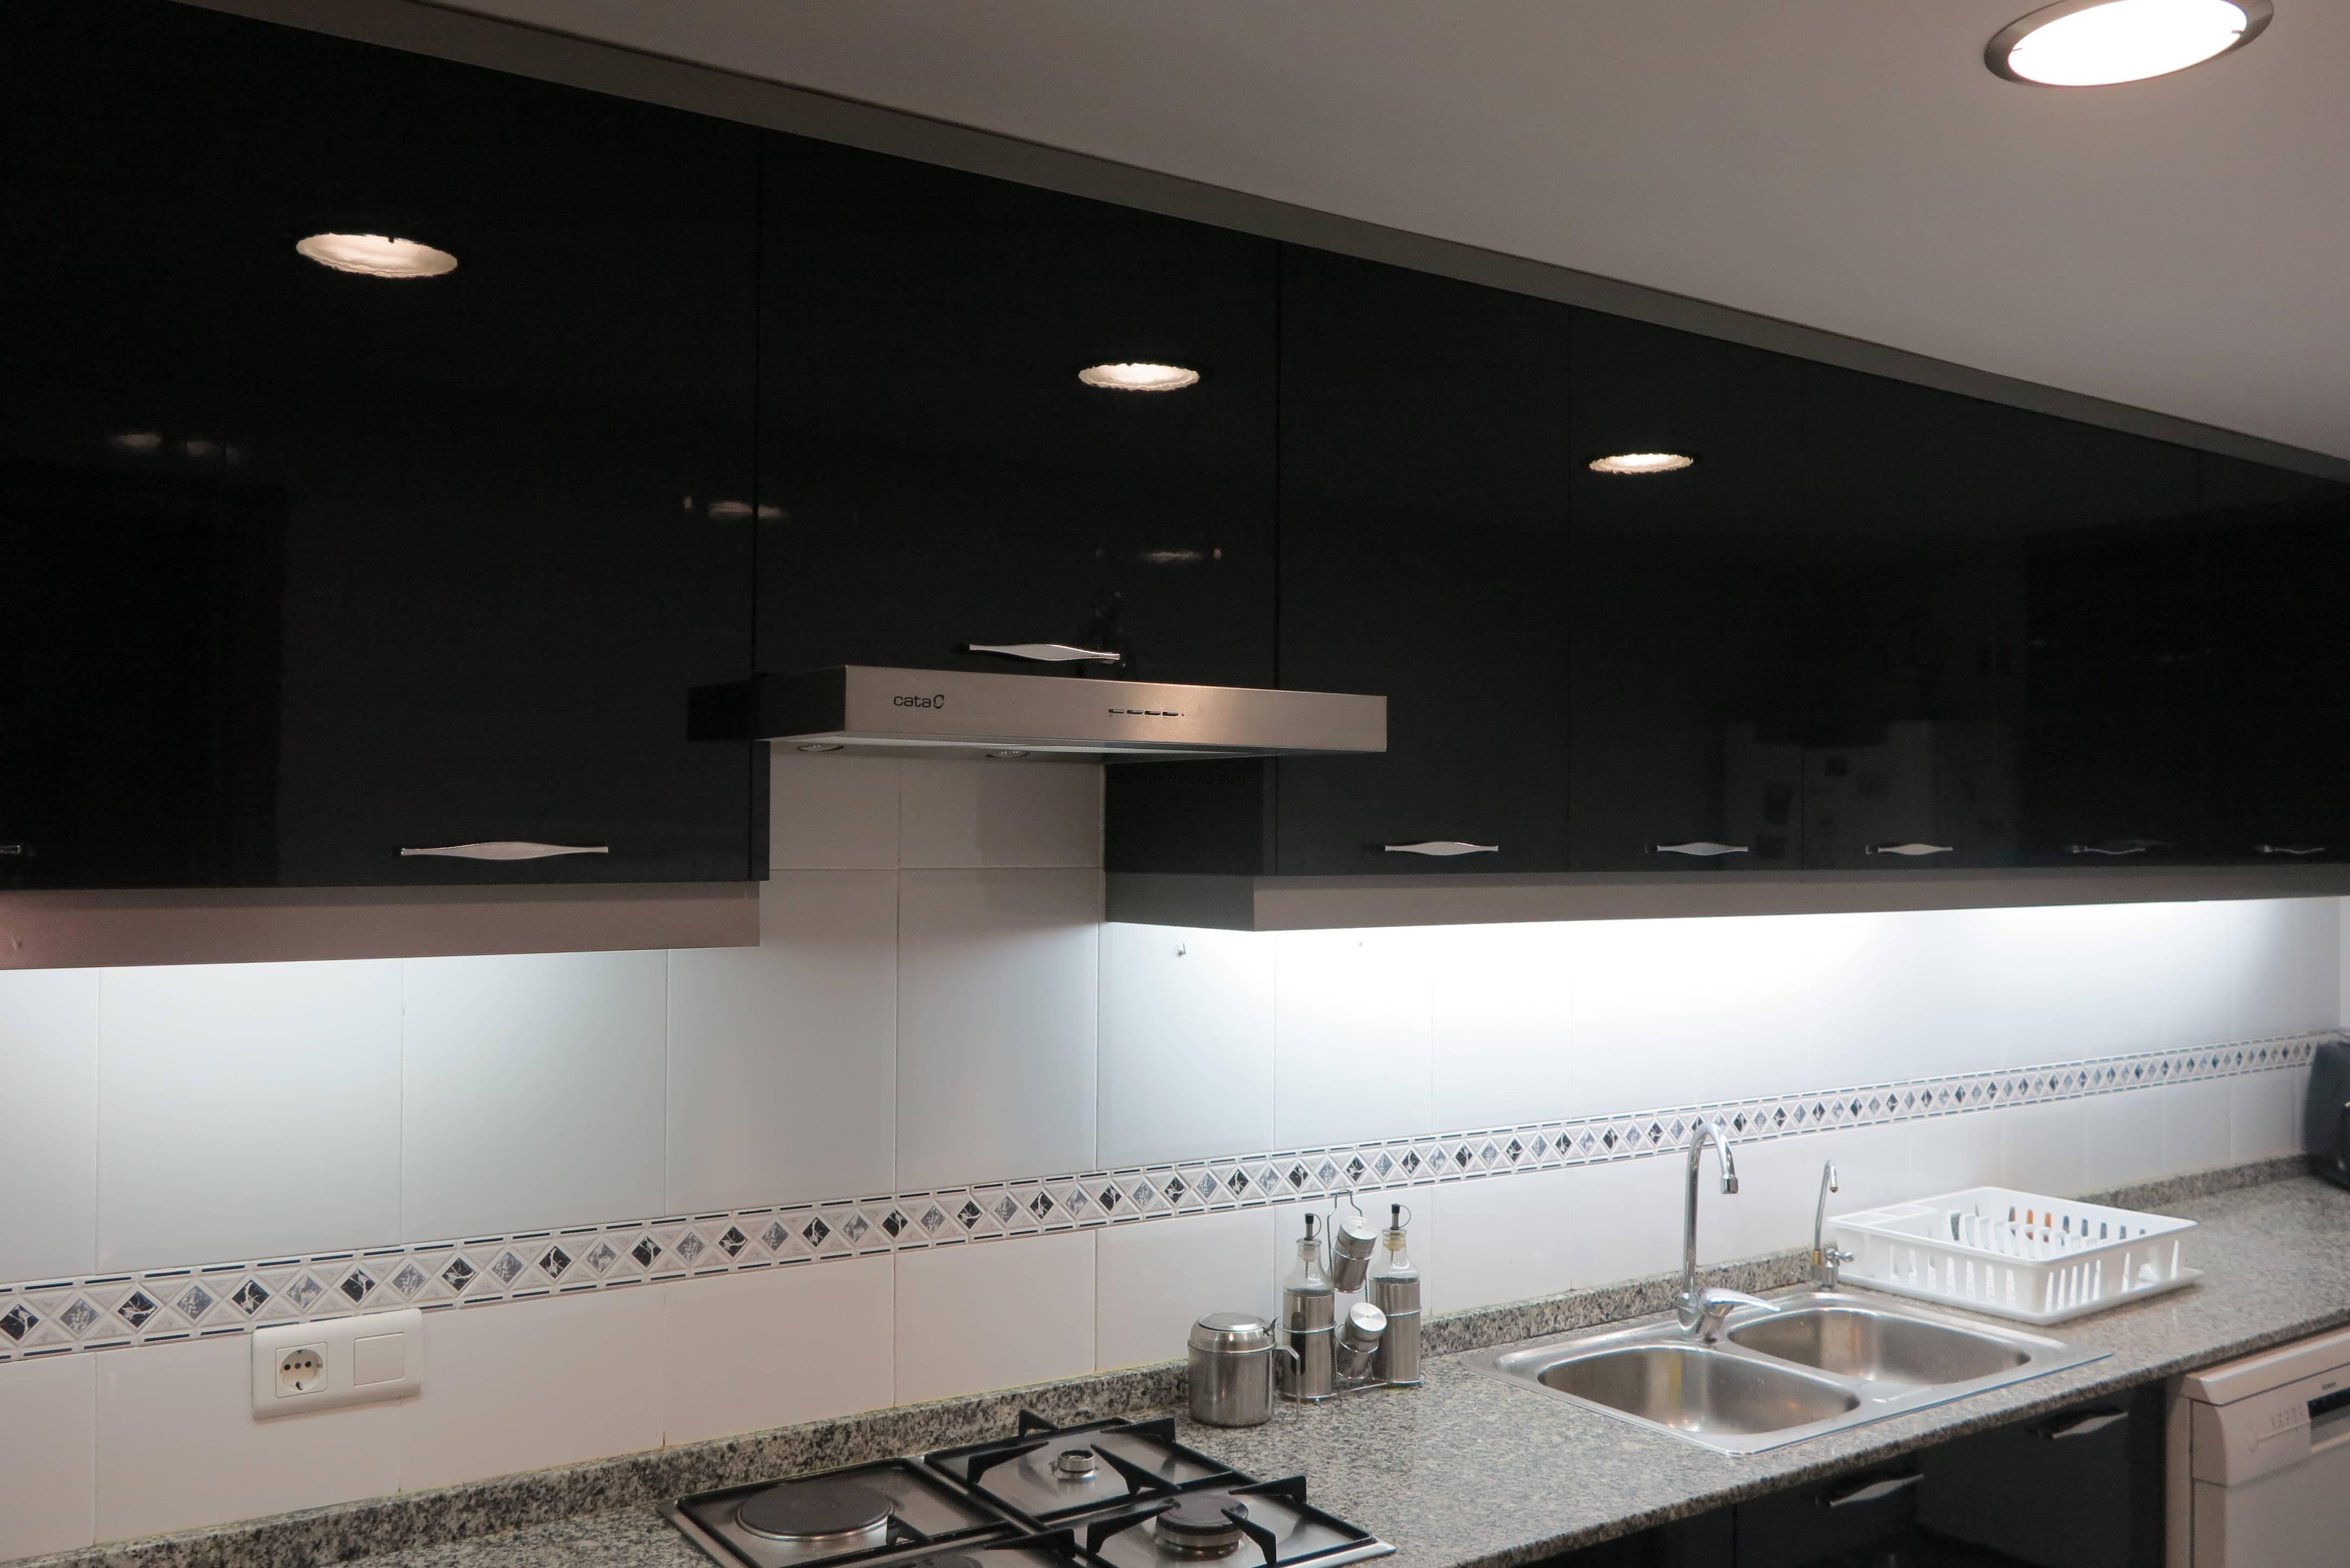 Cambiar puertas muebles de cocina quart de poblet for Cambiar puertas muebles cocina